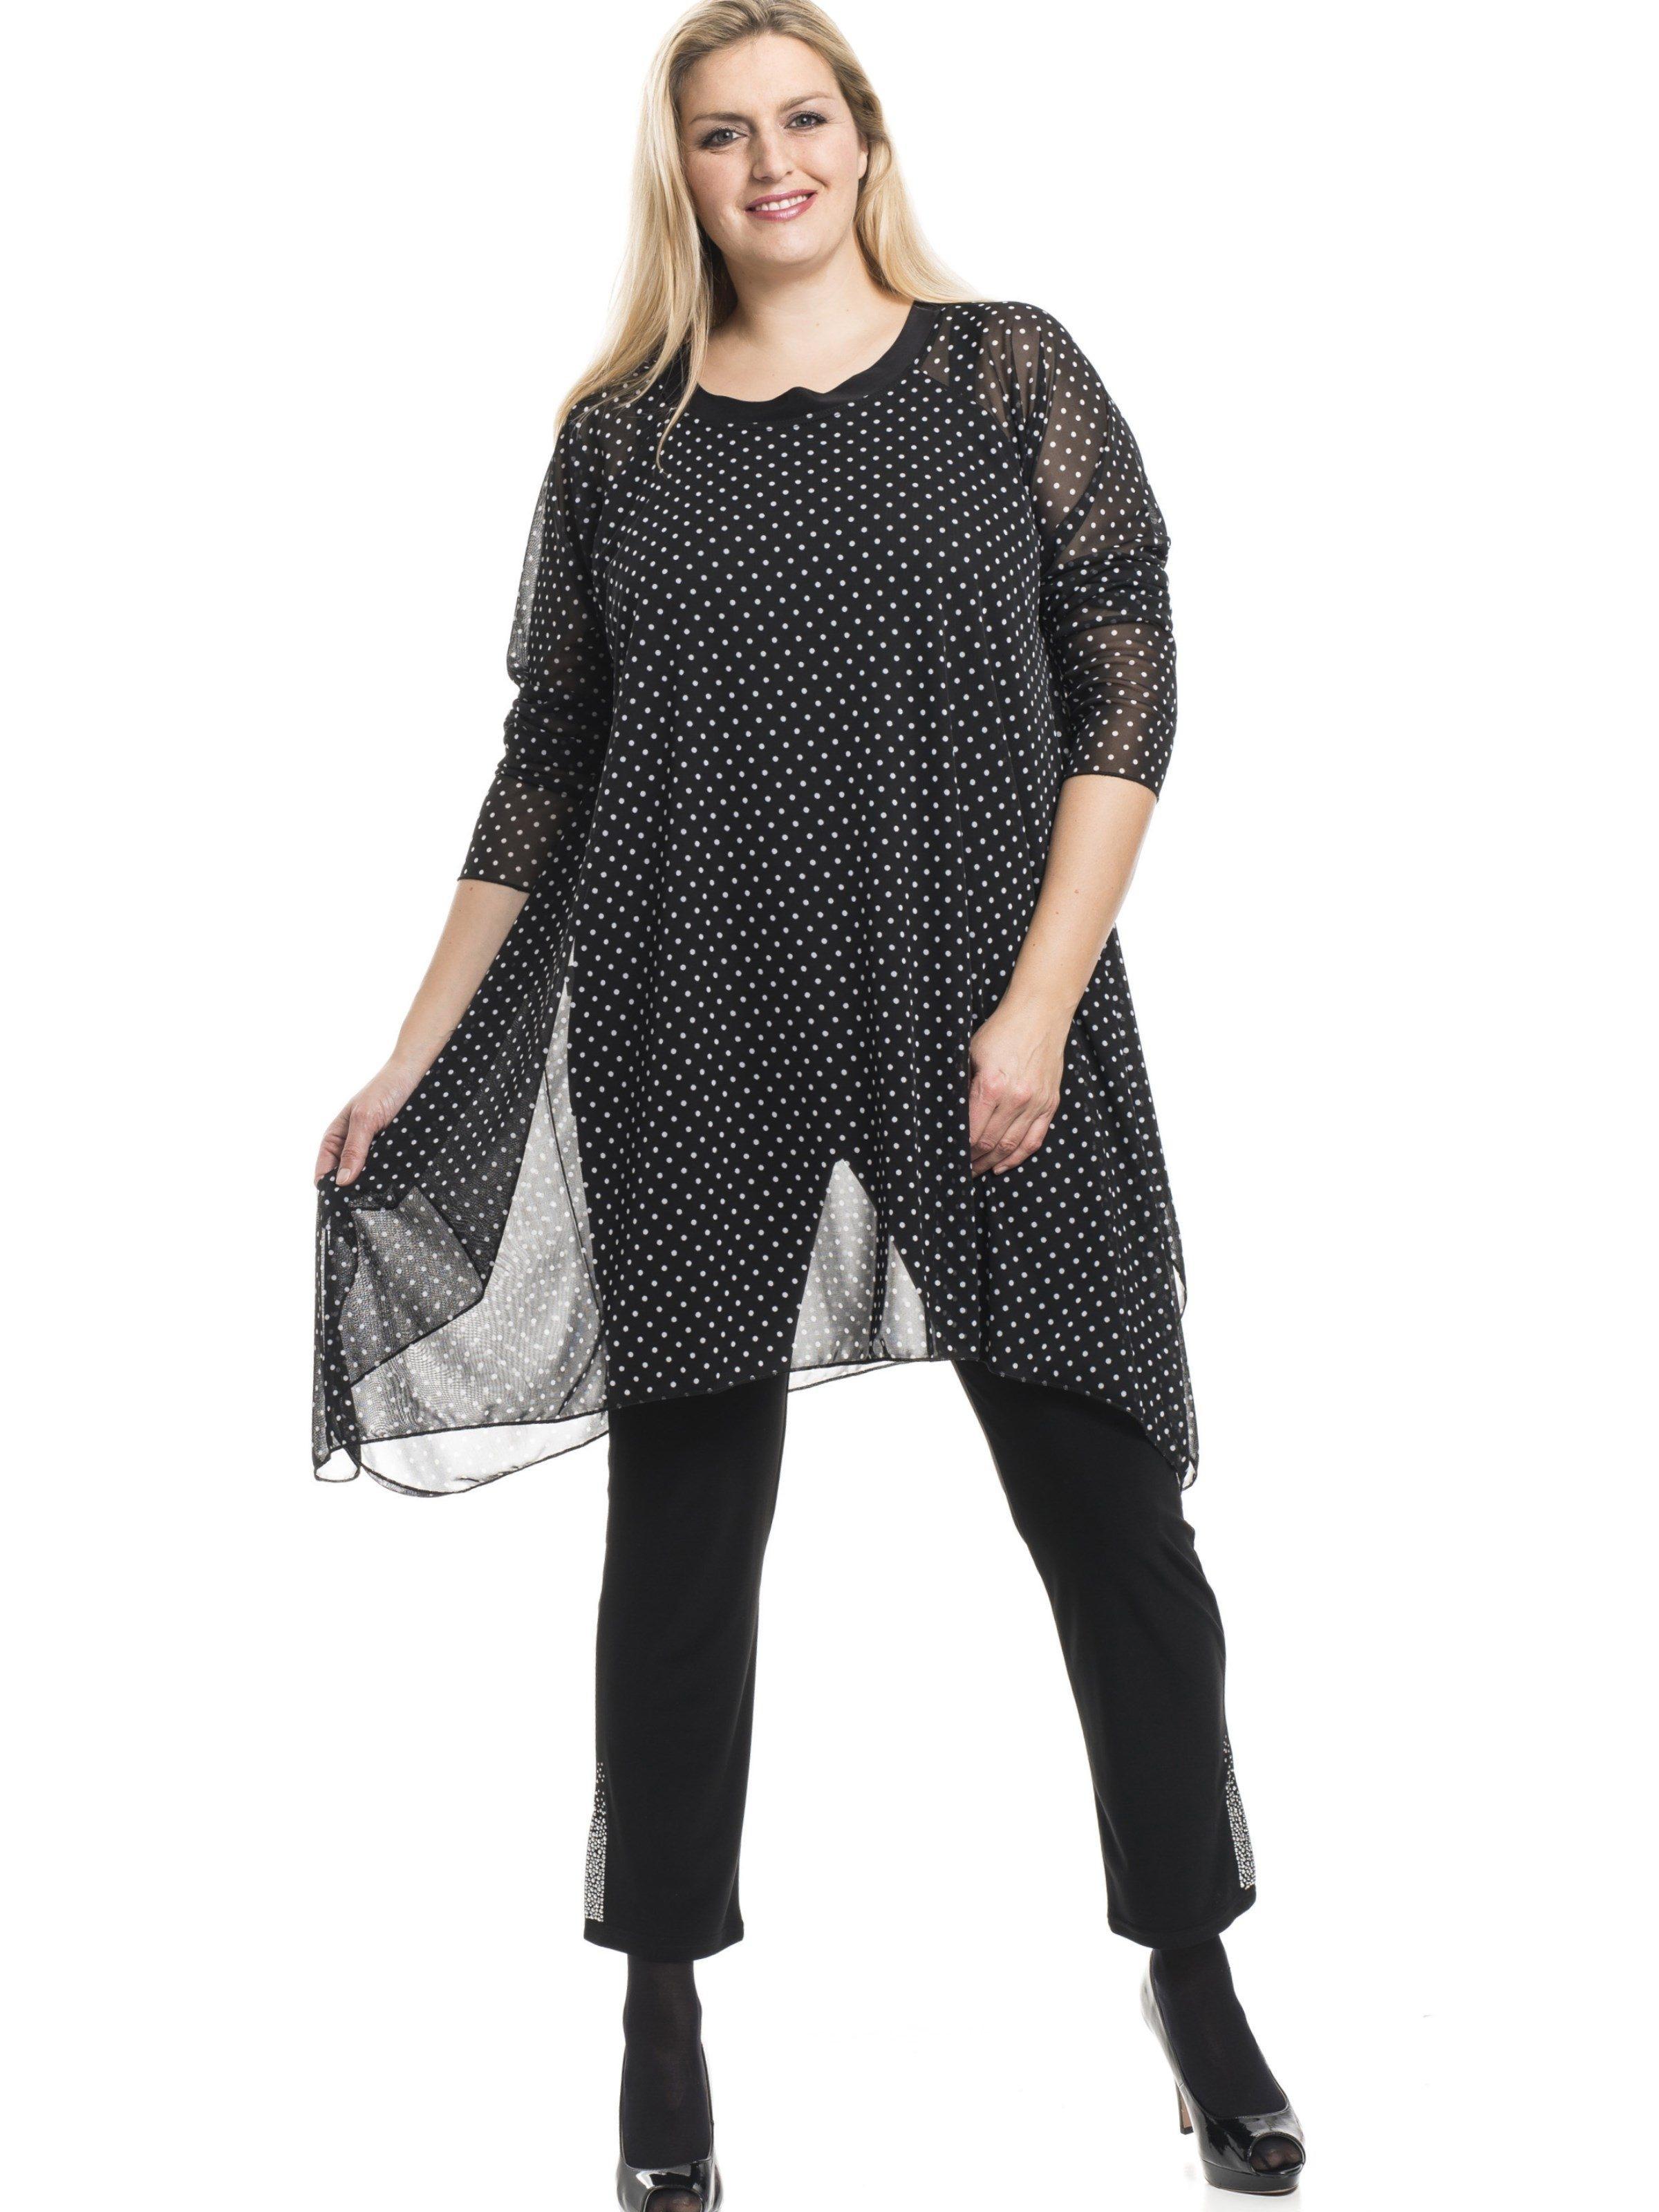 Designer Großartig Festliches Kleid Größe 42 Spezialgebiet20 Spektakulär Festliches Kleid Größe 42 Boutique